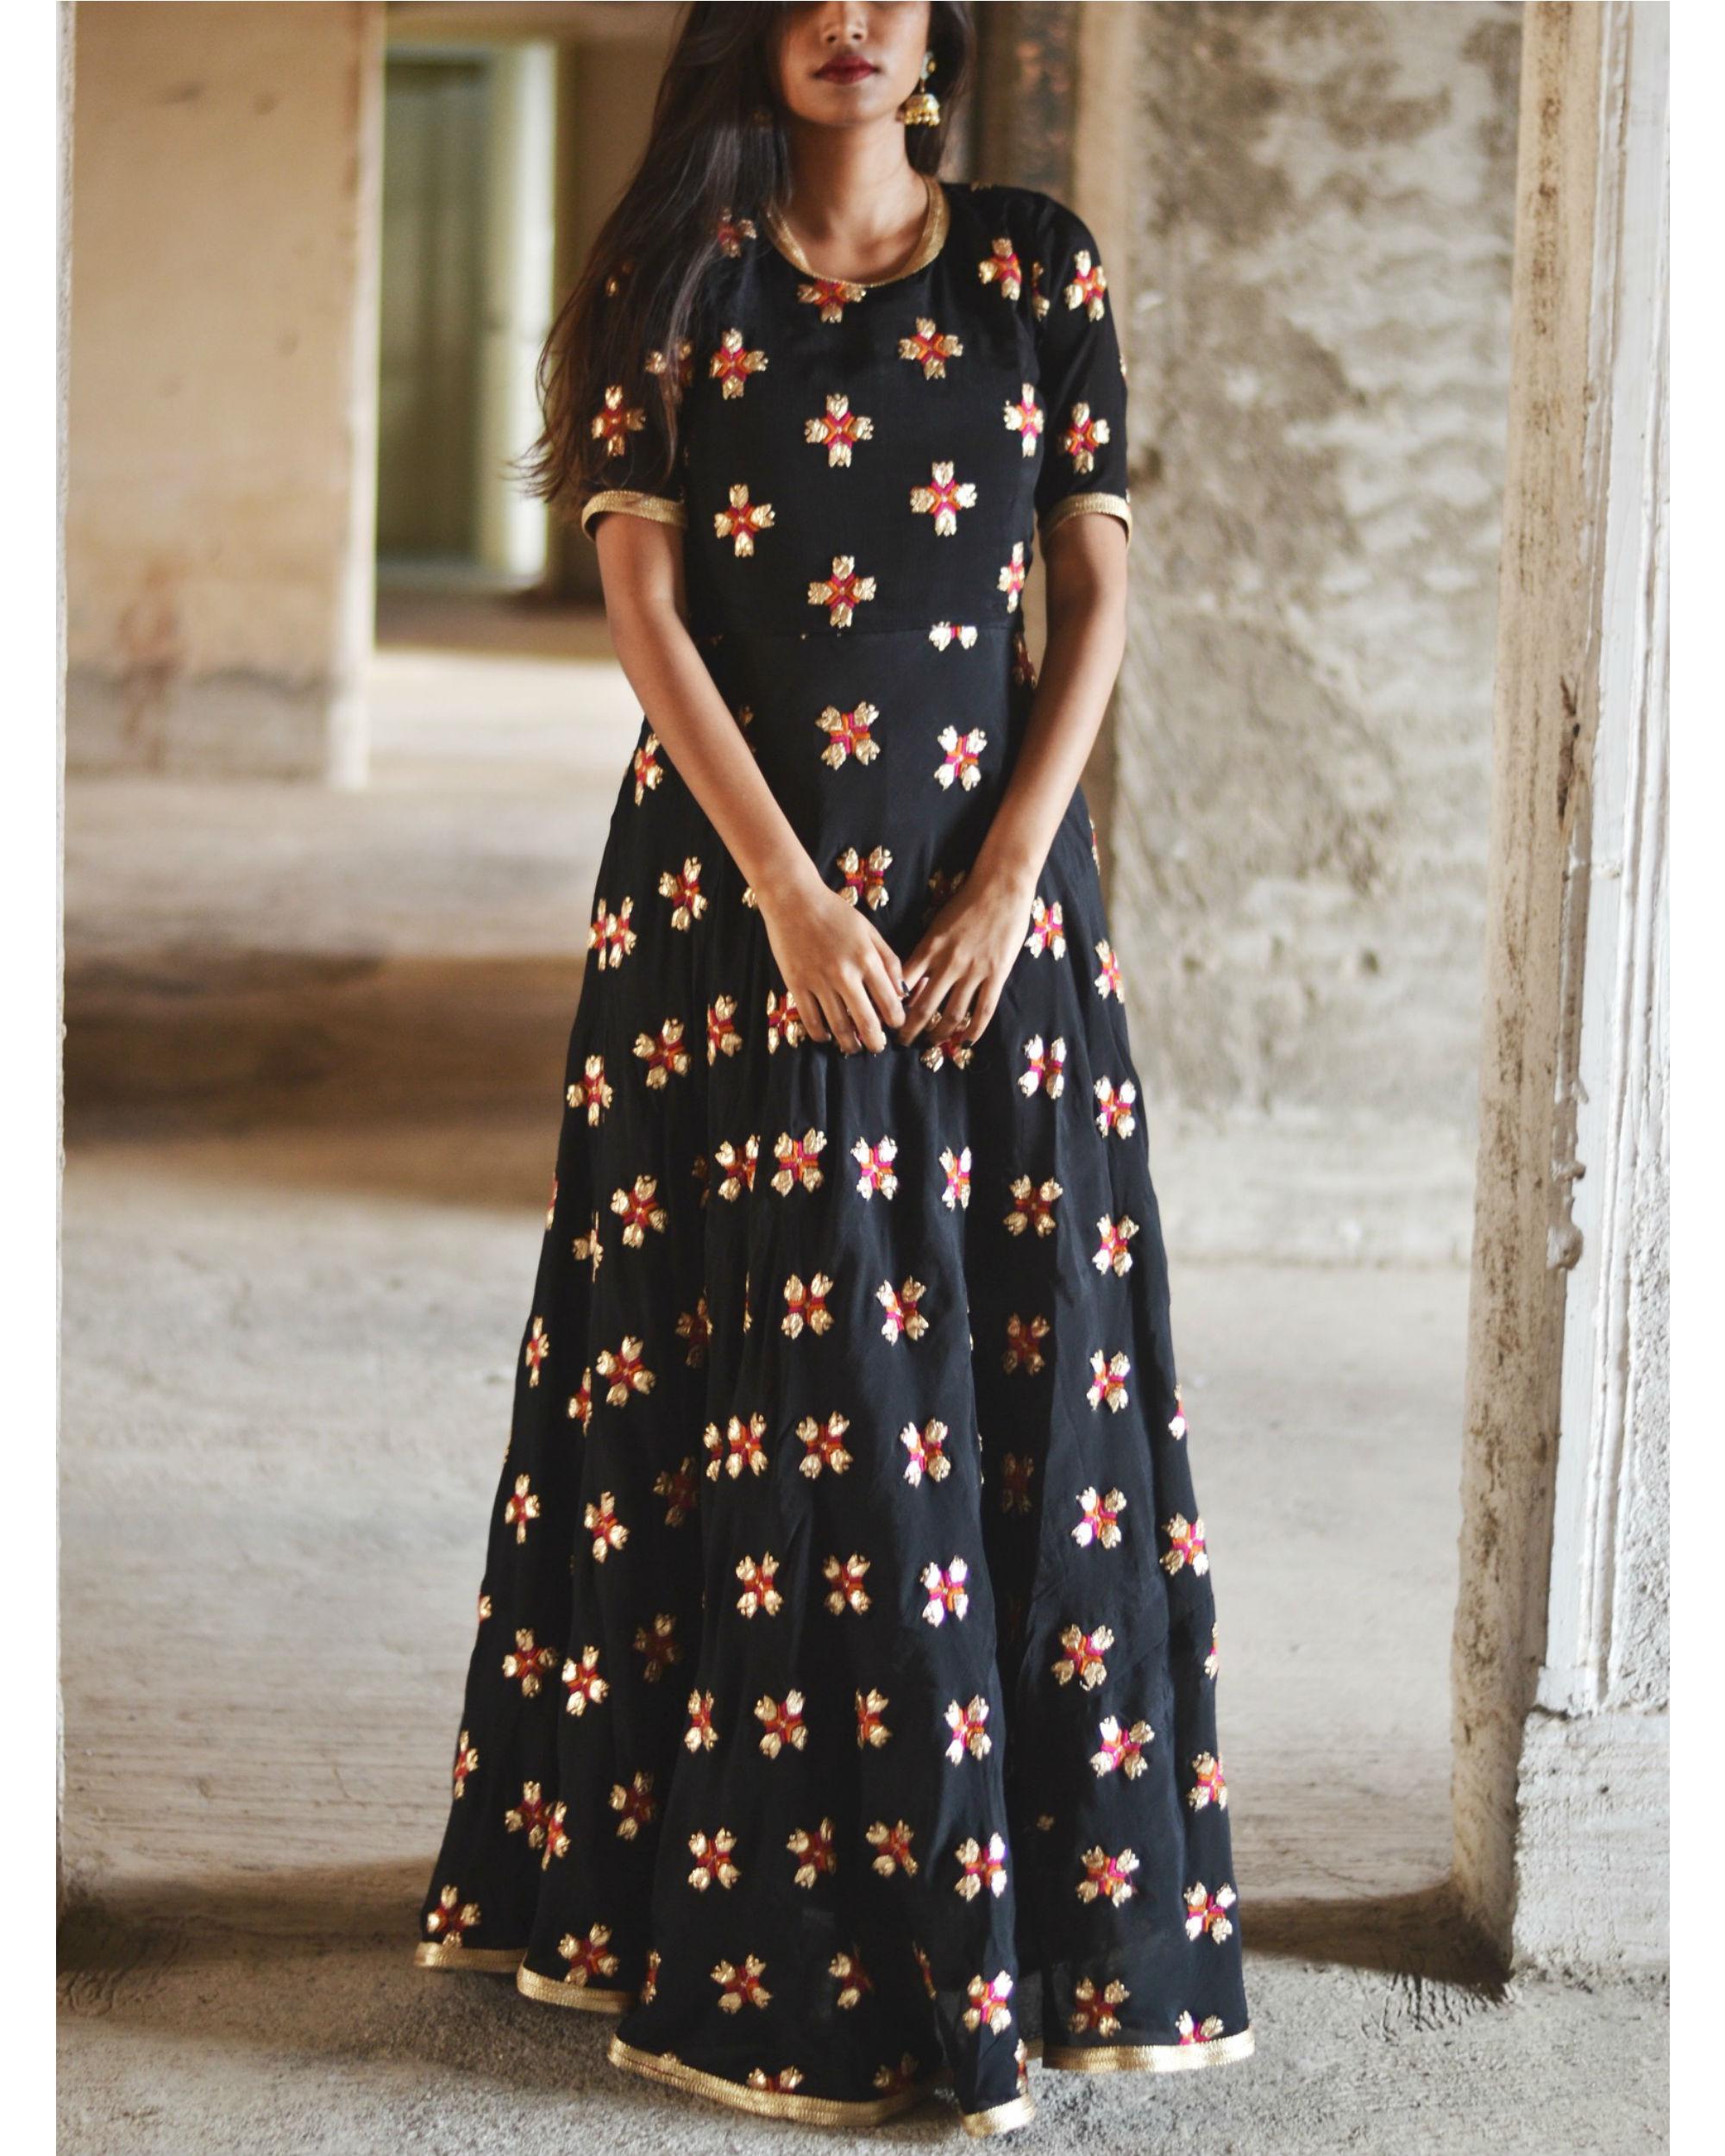 c8cab6dd05e7 Black phulkari motif dress by Tie & Dye Tale | The Secret Label